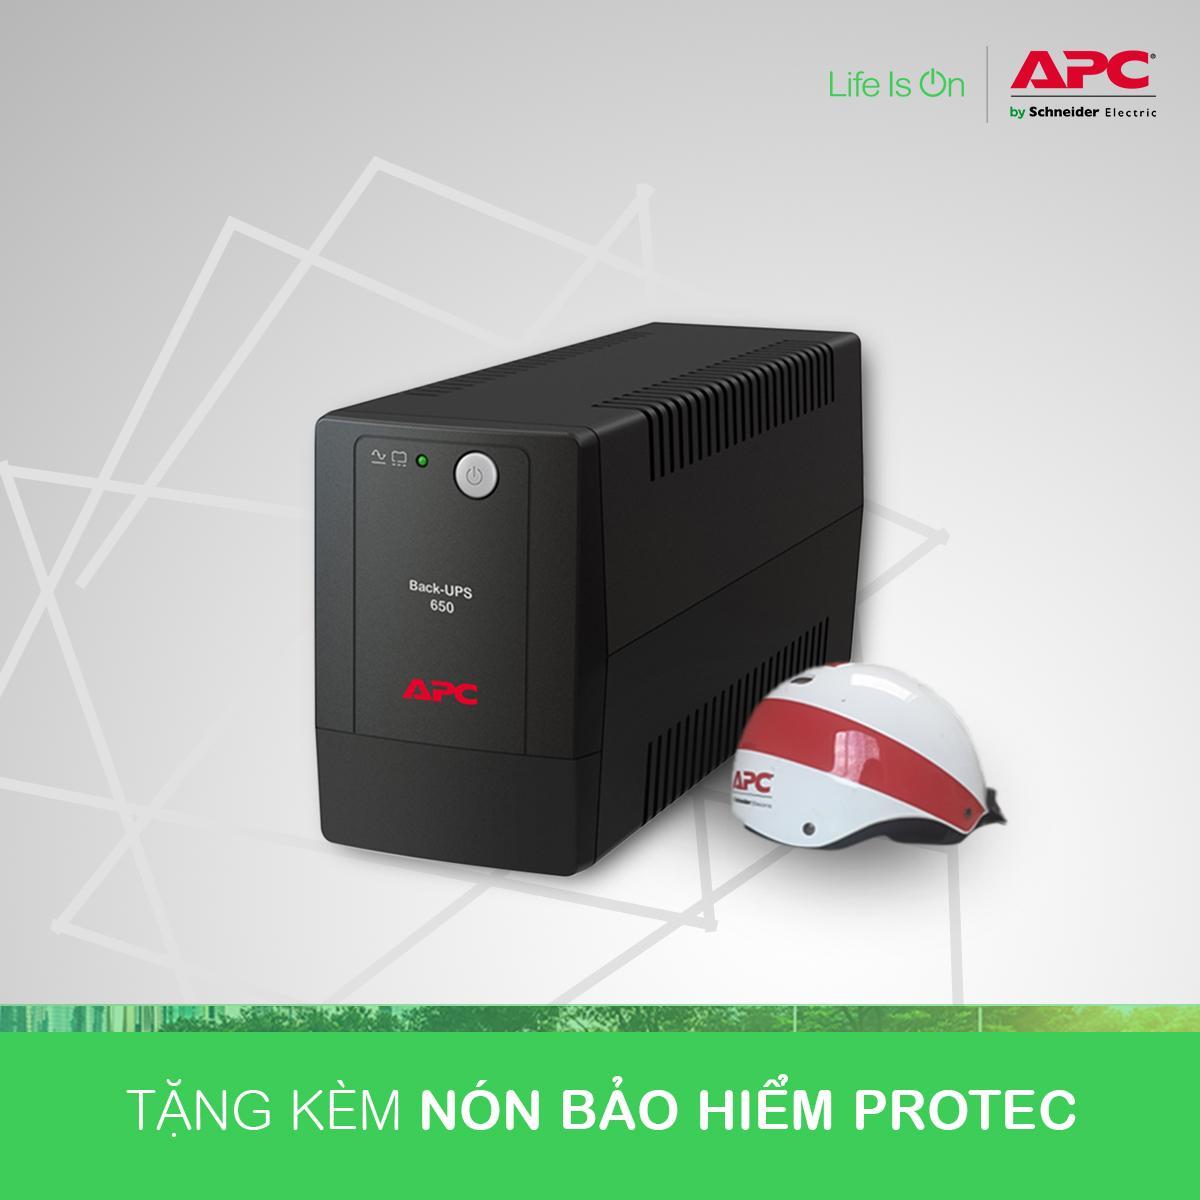 Bảng giá [Khuyến mãi] - Bộ lưu điện:  Back-UPS 650VA, 230V, AVR, Universal Sockets - BX650LI-MS Phong Vũ